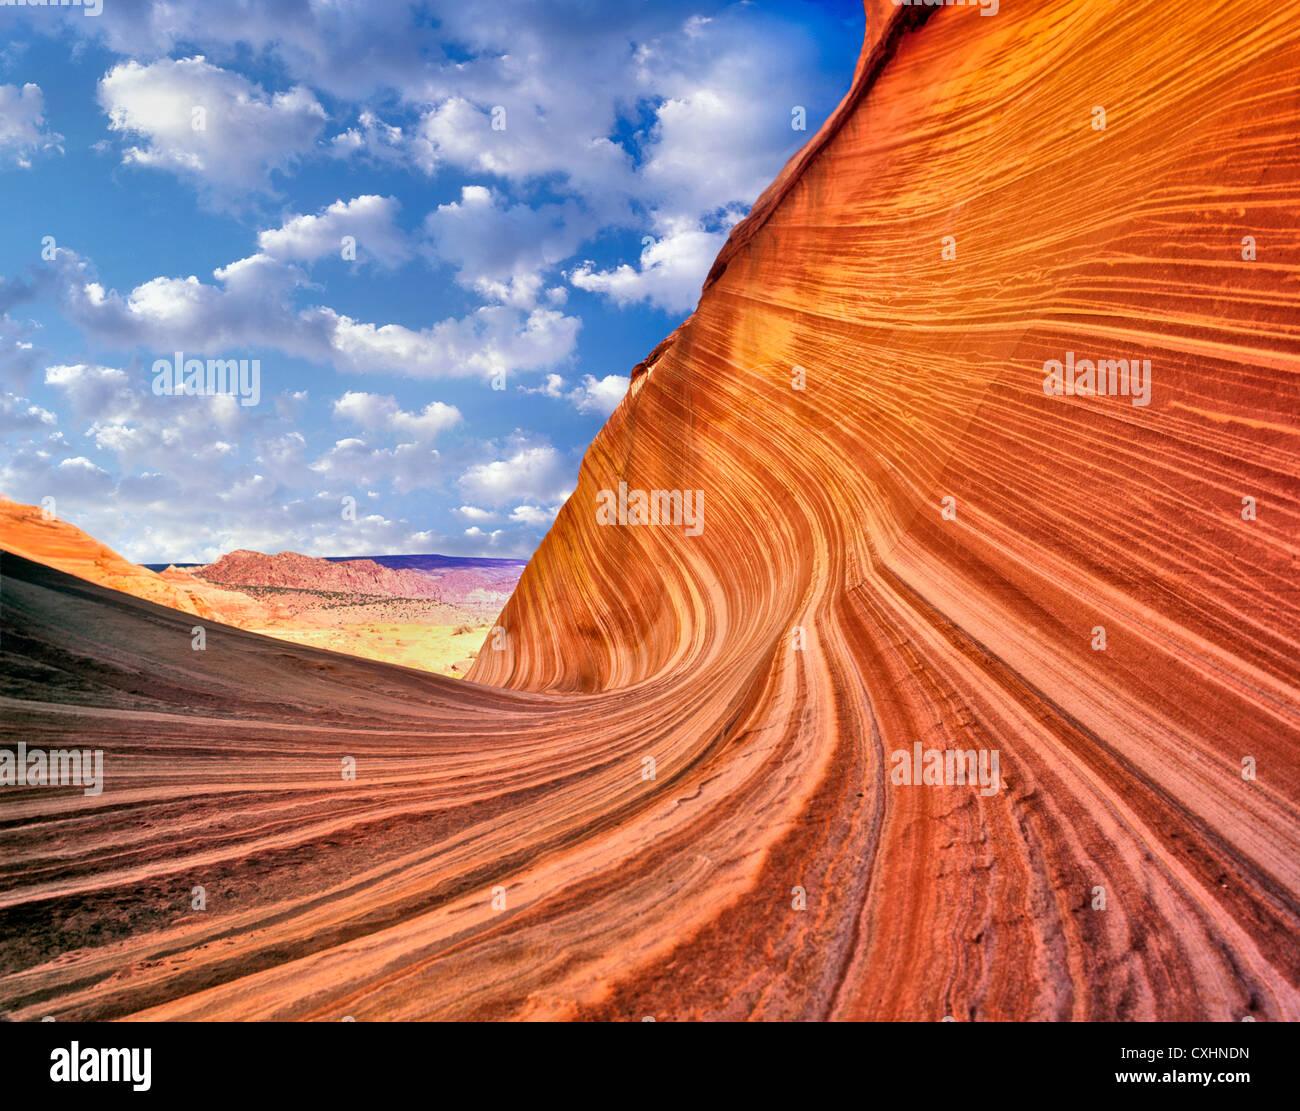 The wave, Vermillion-Cliffs Wilderness, Arizona C00039M - Stock Image